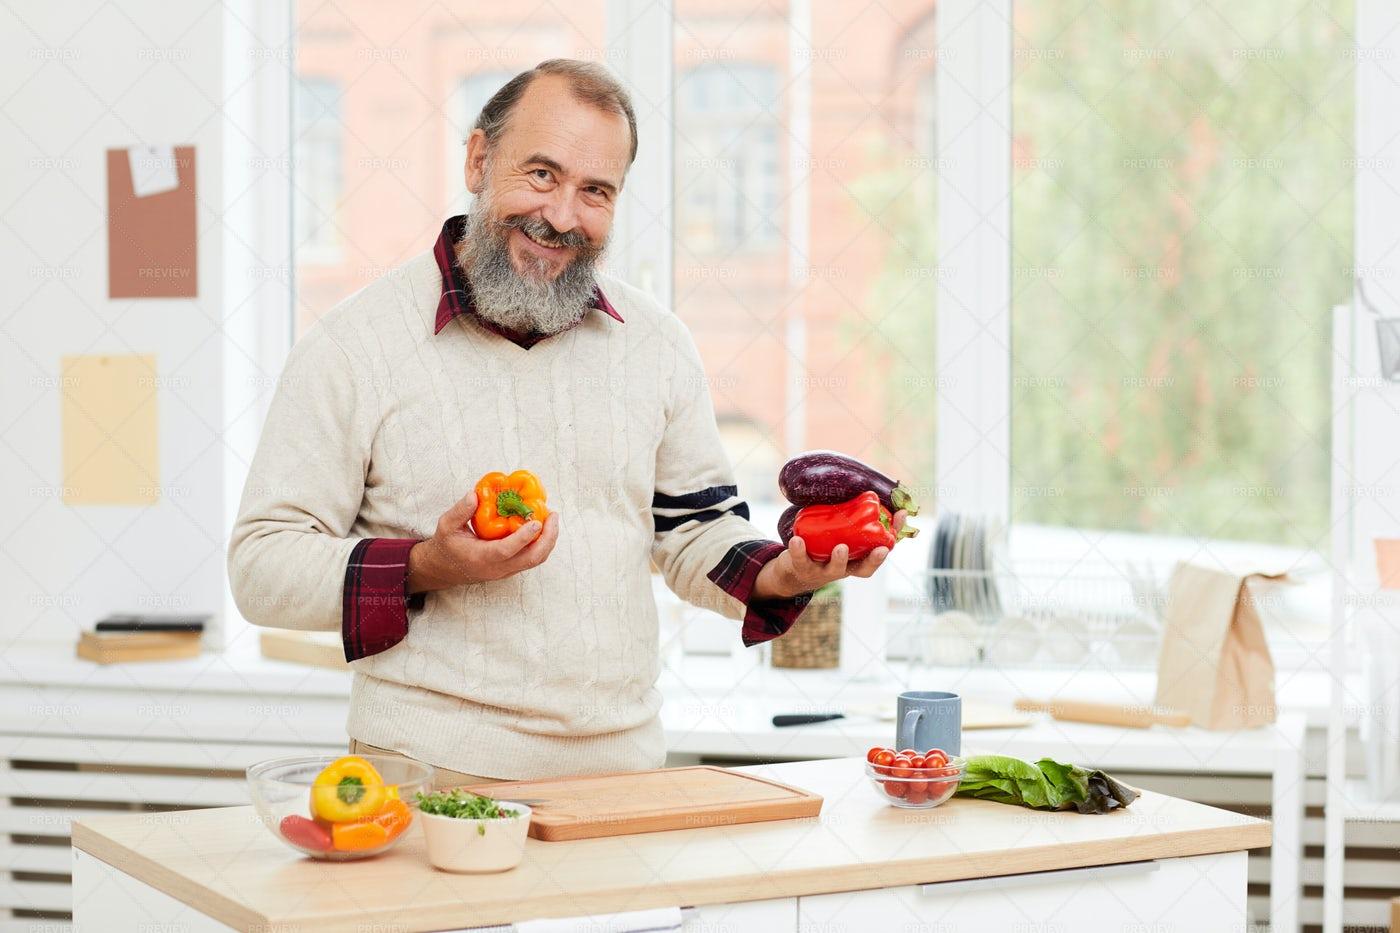 Smiling Senior Man Cooking: Stock Photos